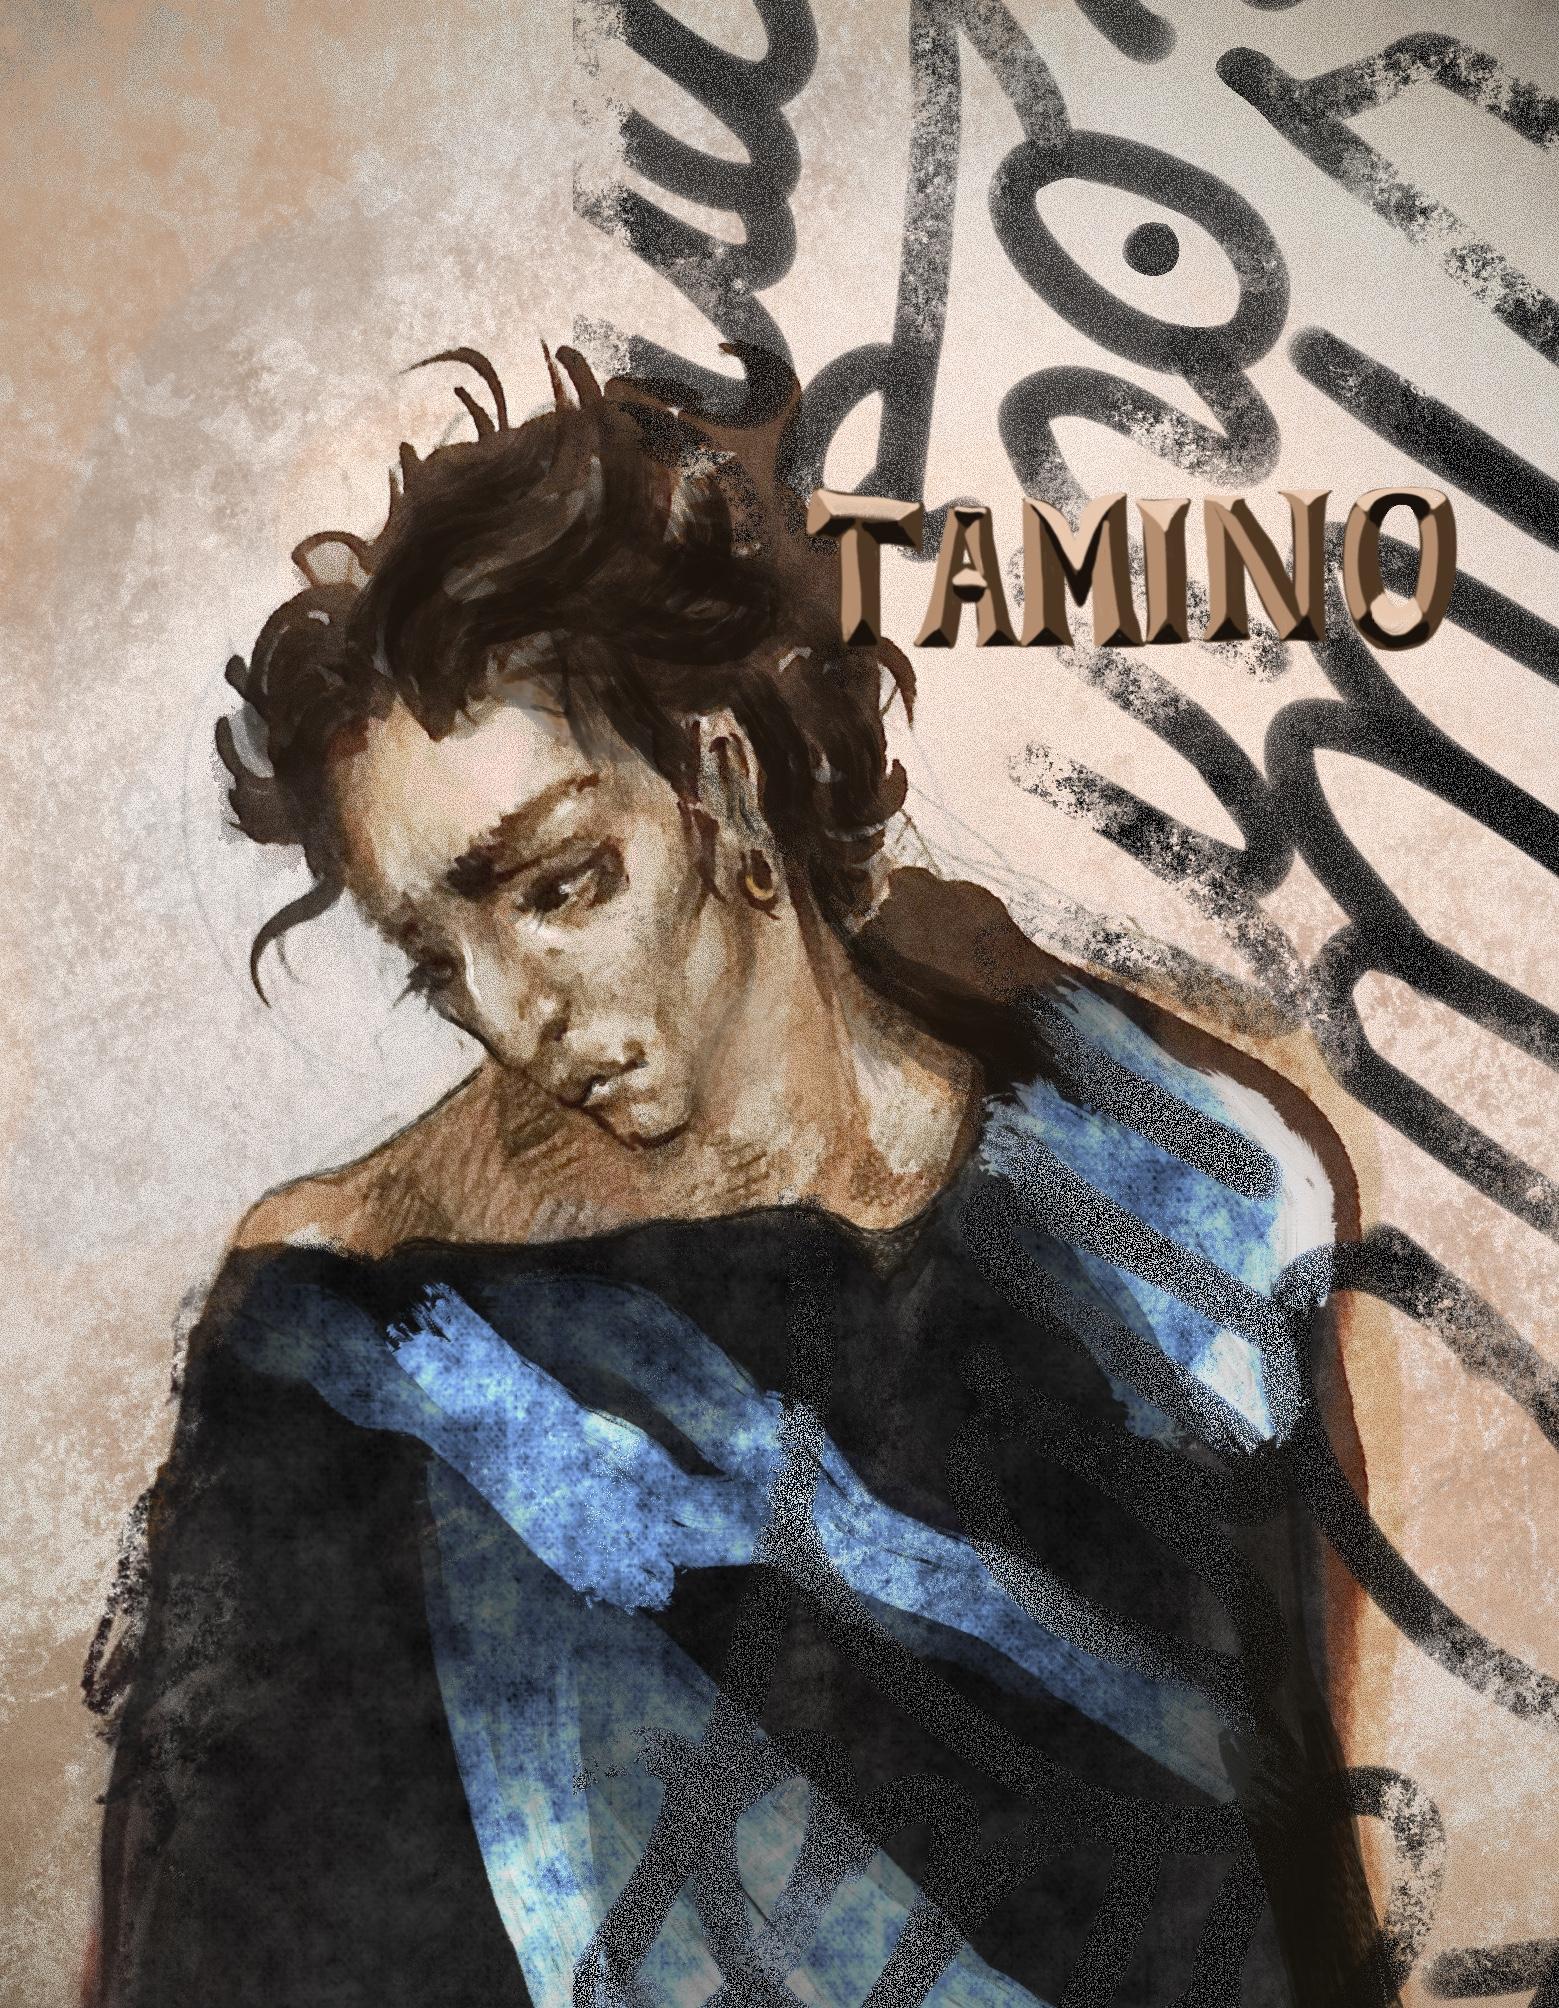 Tamino Amir